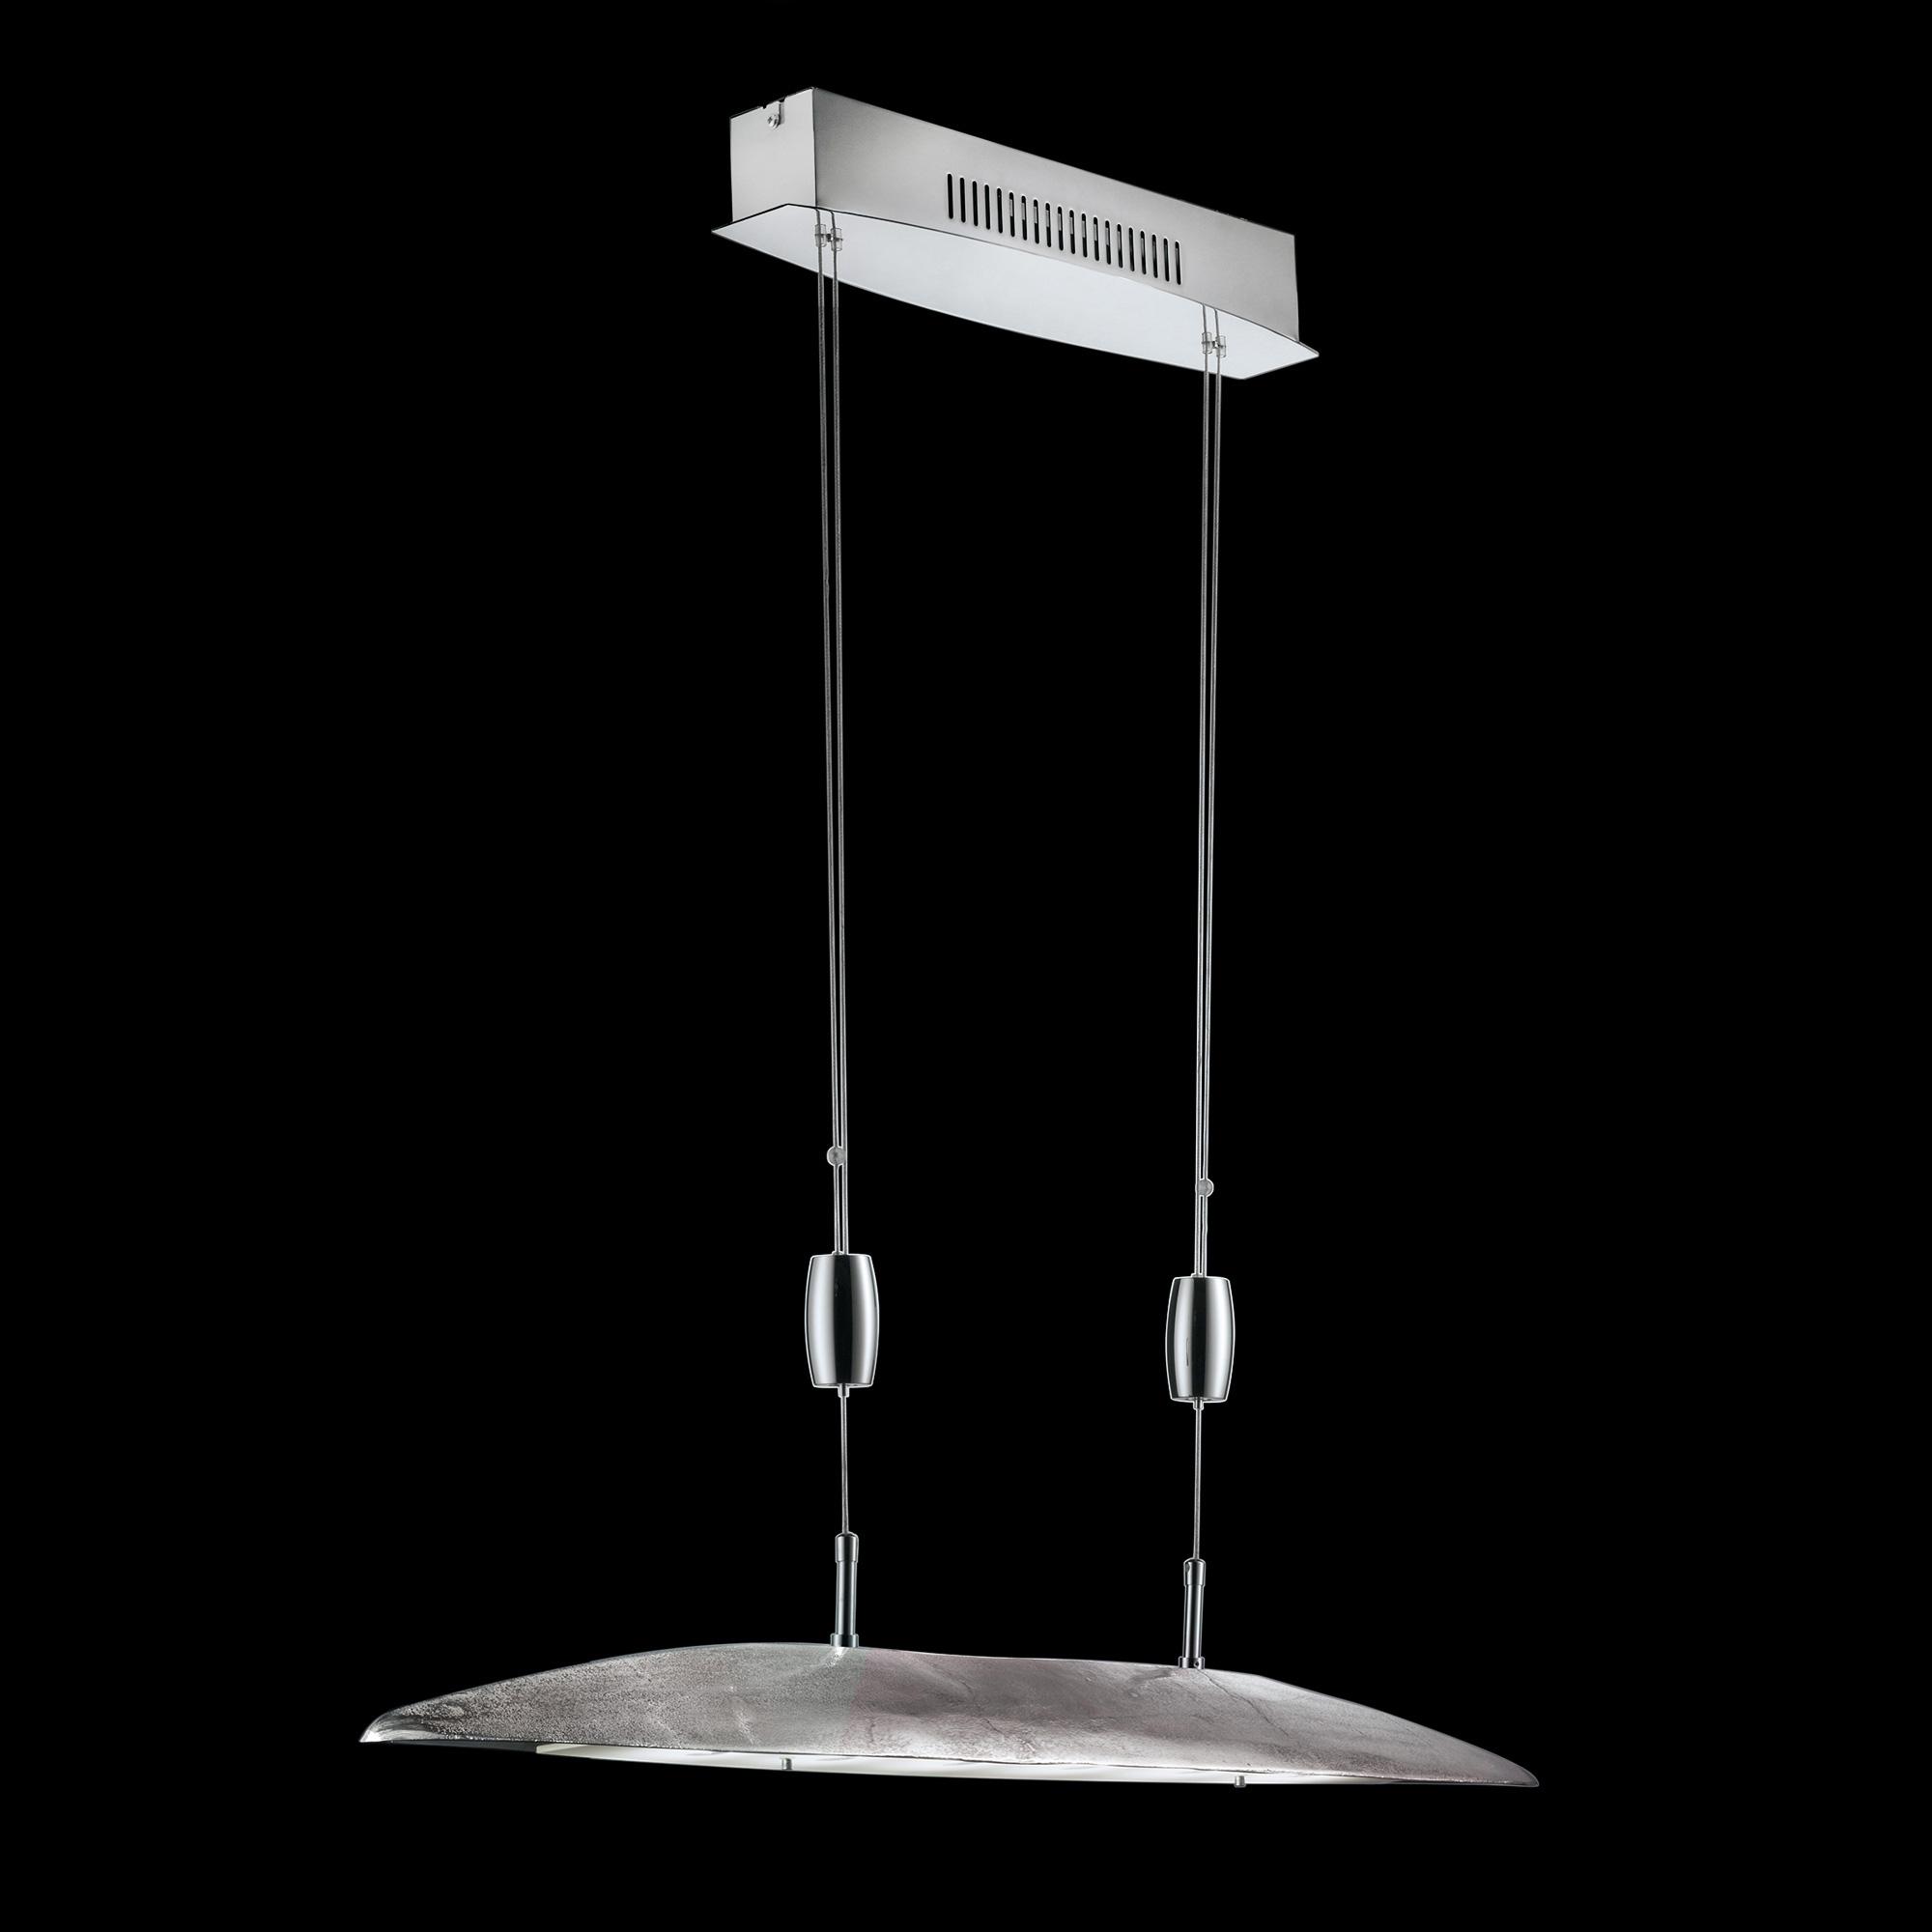 shine by fischer 12056 led pendelleuchte 12056 reuter onlineshop. Black Bedroom Furniture Sets. Home Design Ideas